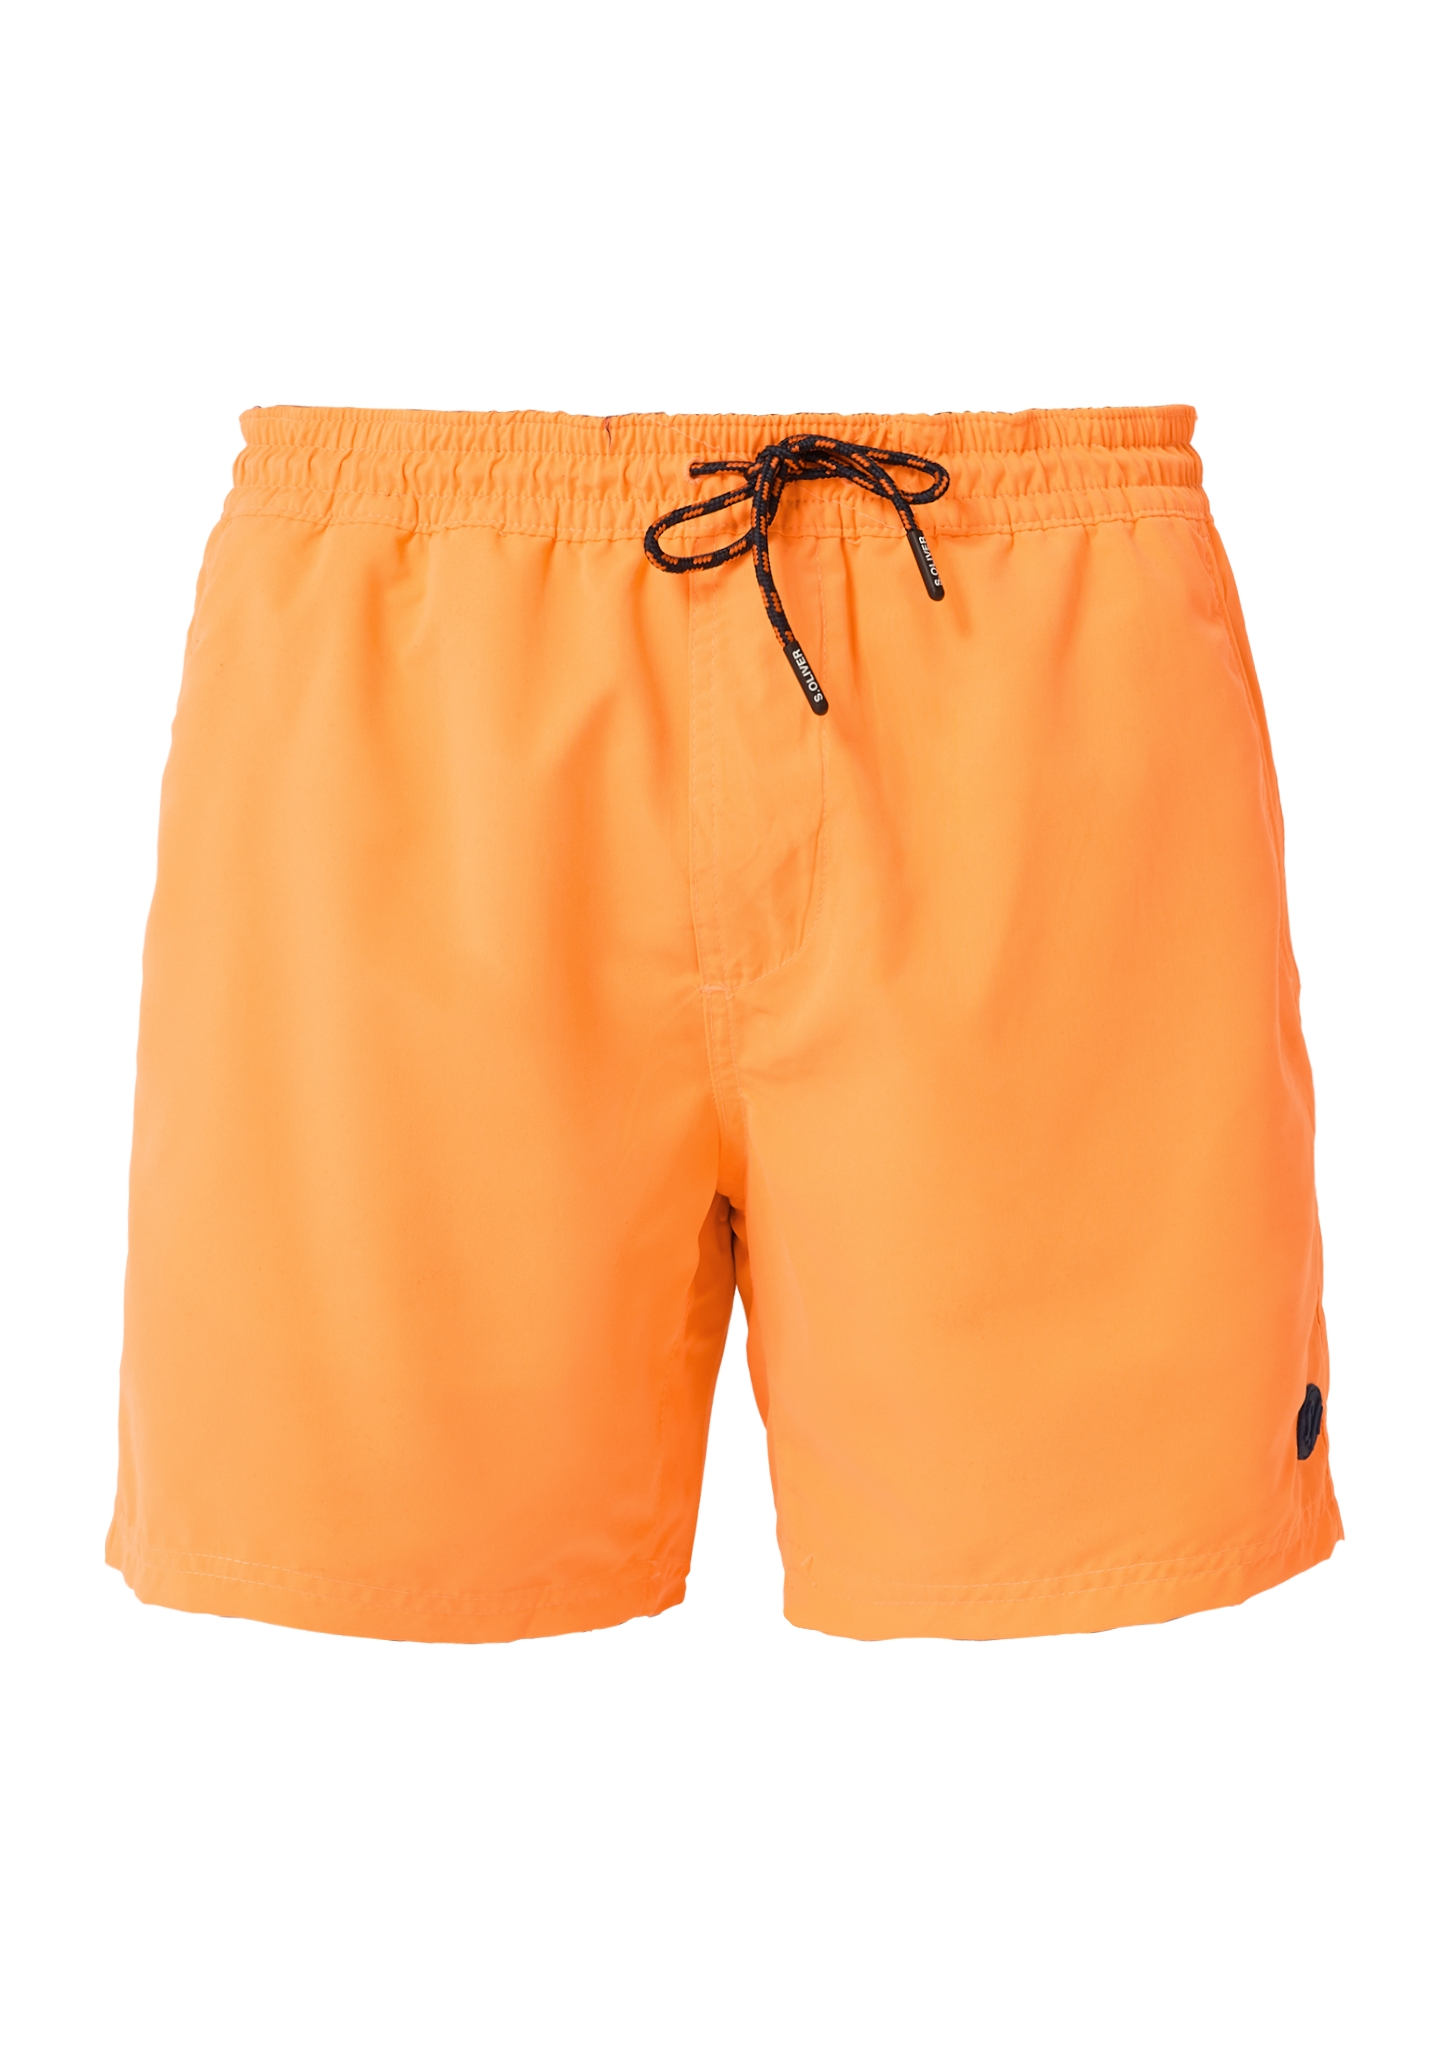 Badehose | Bekleidung > Bademode > Badehosen | Orange | Oberstoff: 100% polyester| futter: 100% polyester | s.Oliver